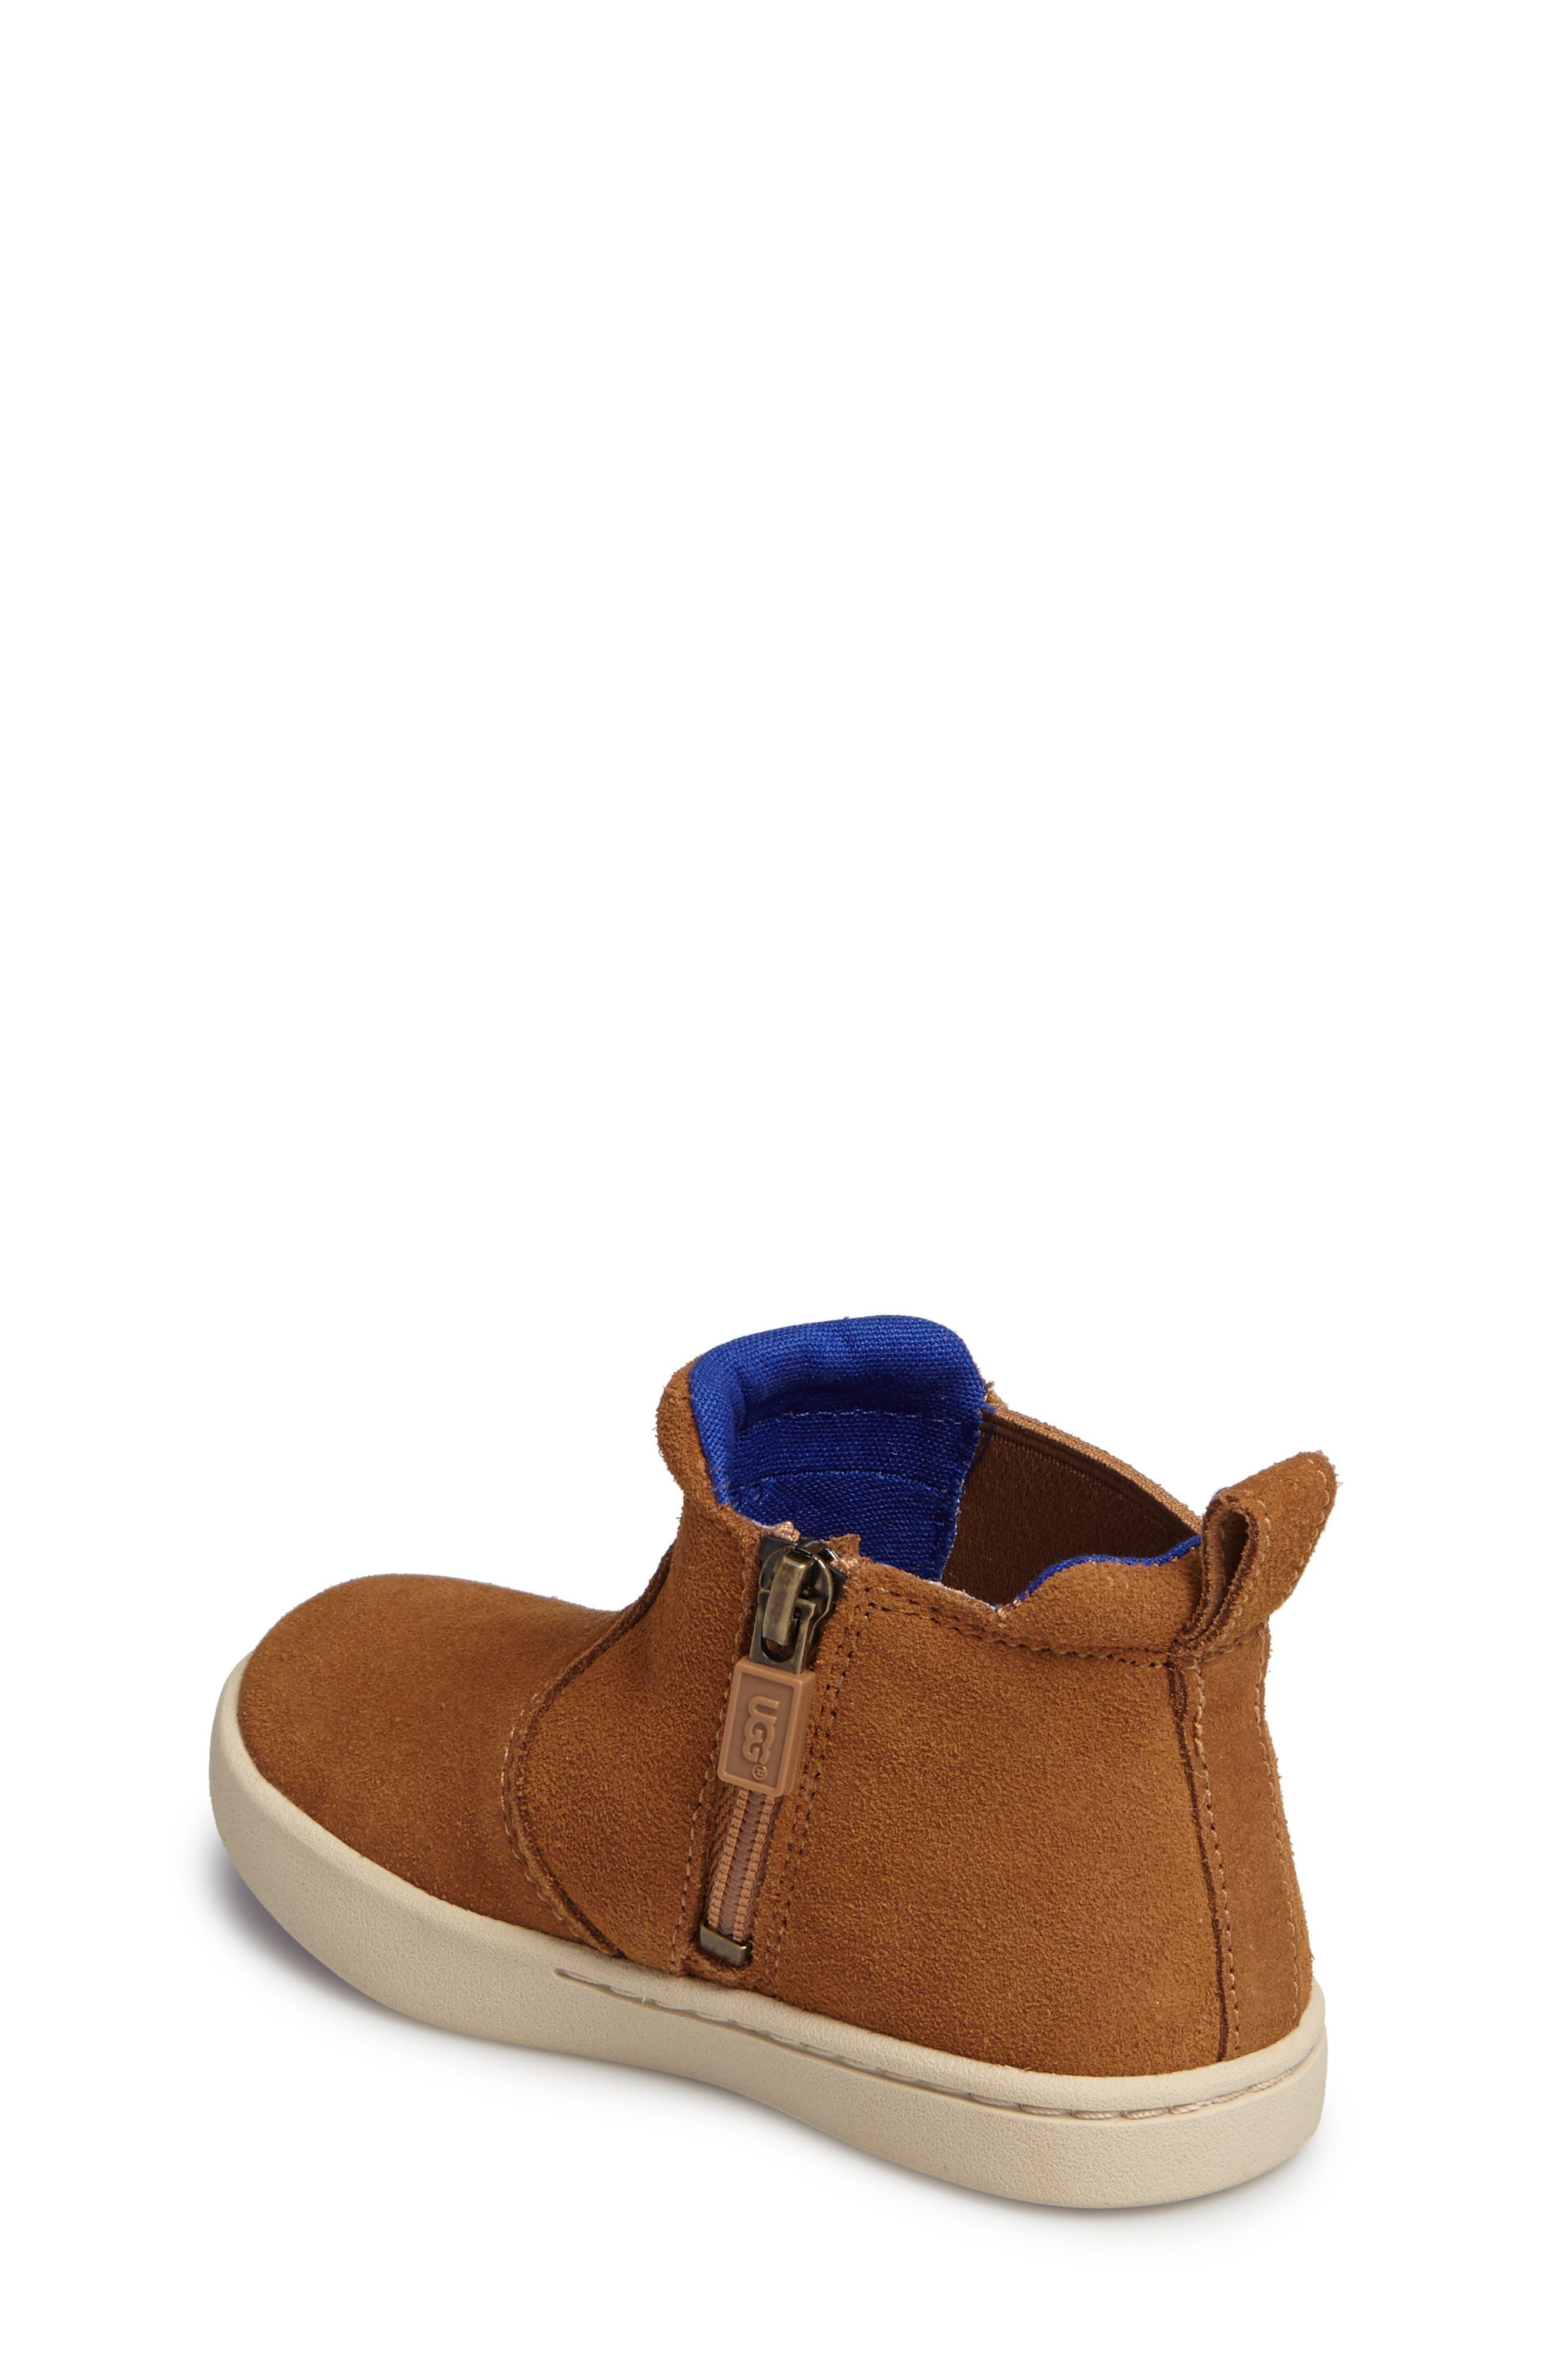 Hamden Sneaker,                             Alternate thumbnail 9, color,